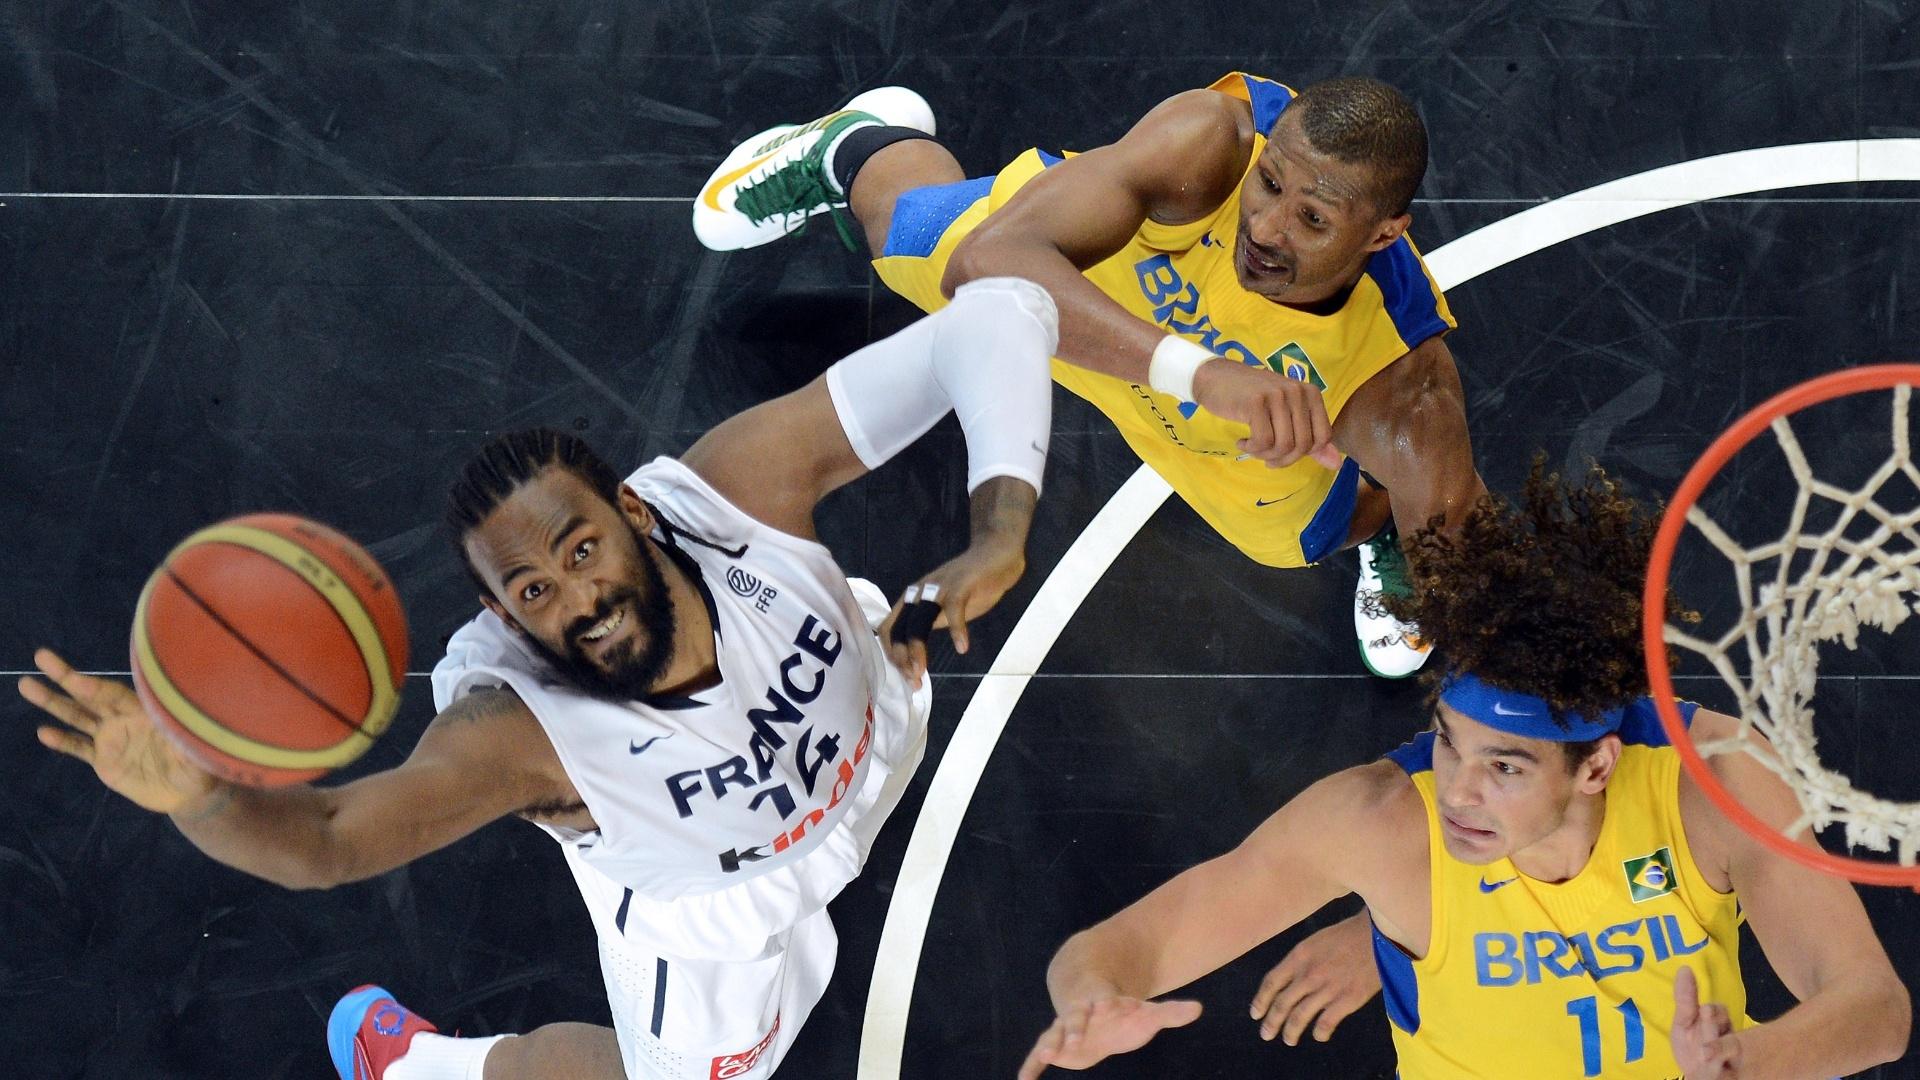 Ronny Turiaf, Leandrinho Barbosa e Anderson Varejão disputam a bola no amistoso entre França e Brasil, em preparação para as Olimpíadas